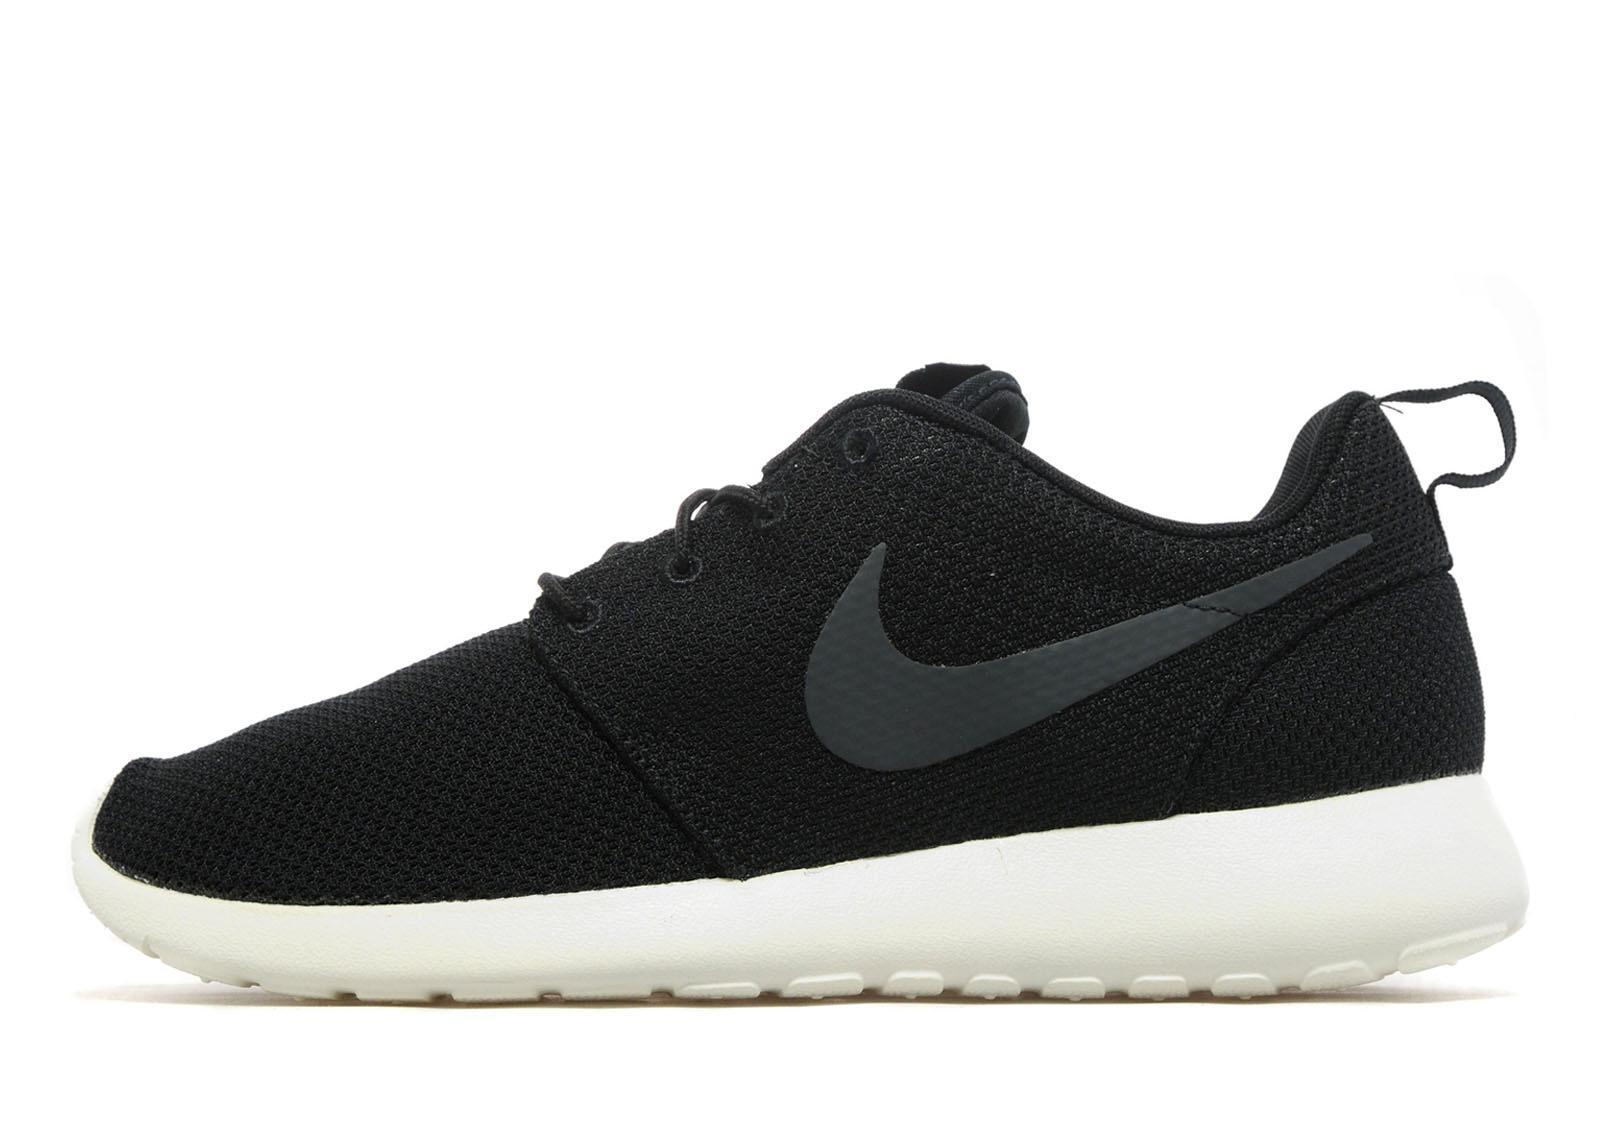 cdfzkr Nike-Roshe-Run-Dyn-FW-Men-Blue-White-UK-Cheap-Sale-RPV7E_1164.jpg